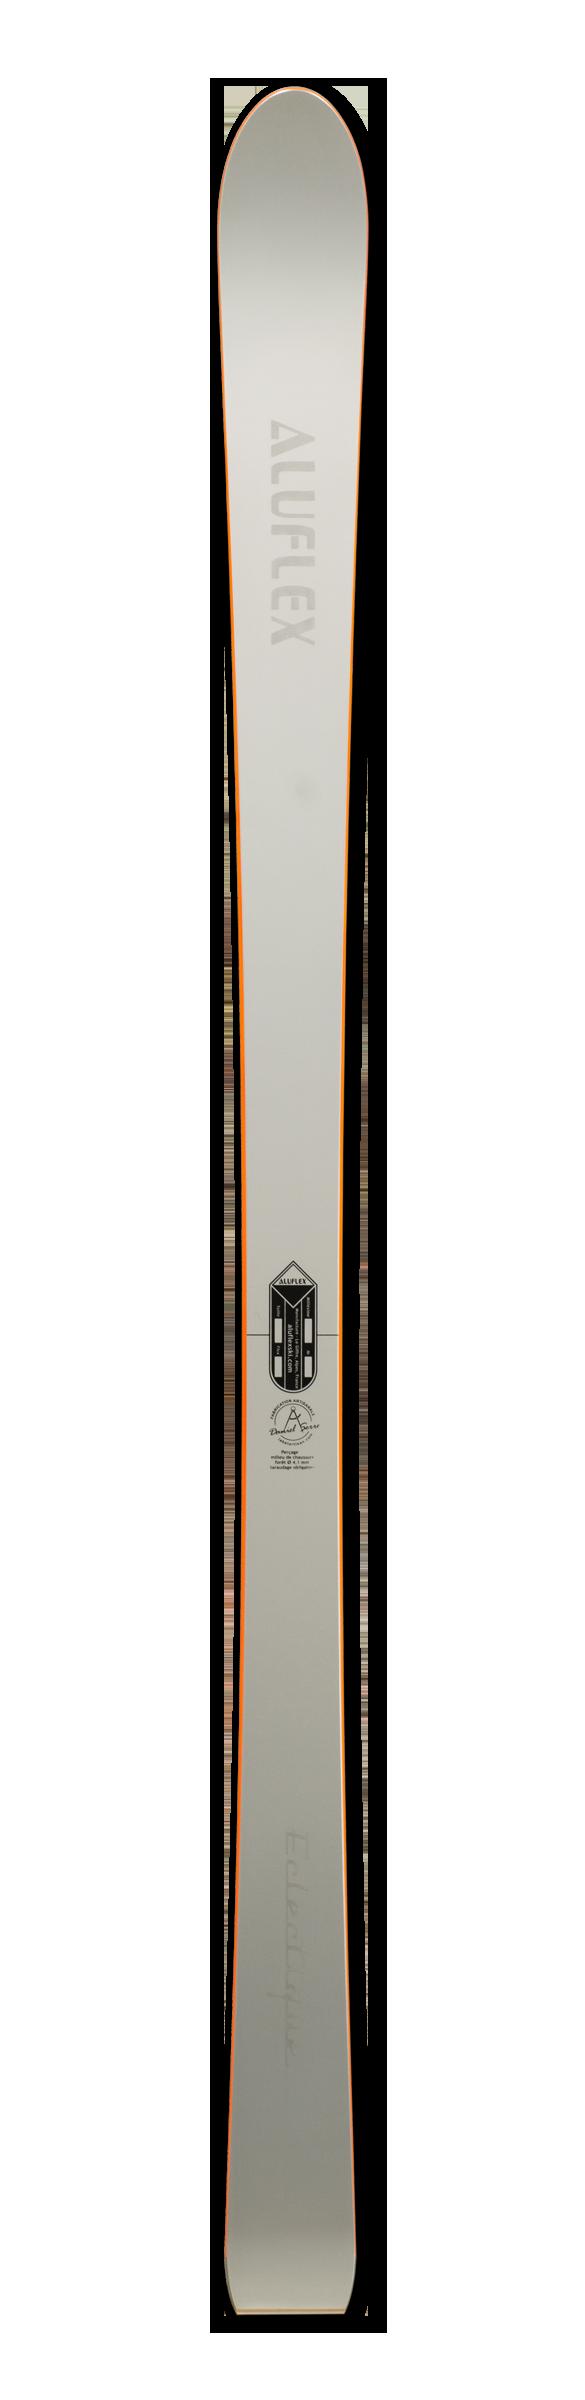 Ski Aluflex Éclectique